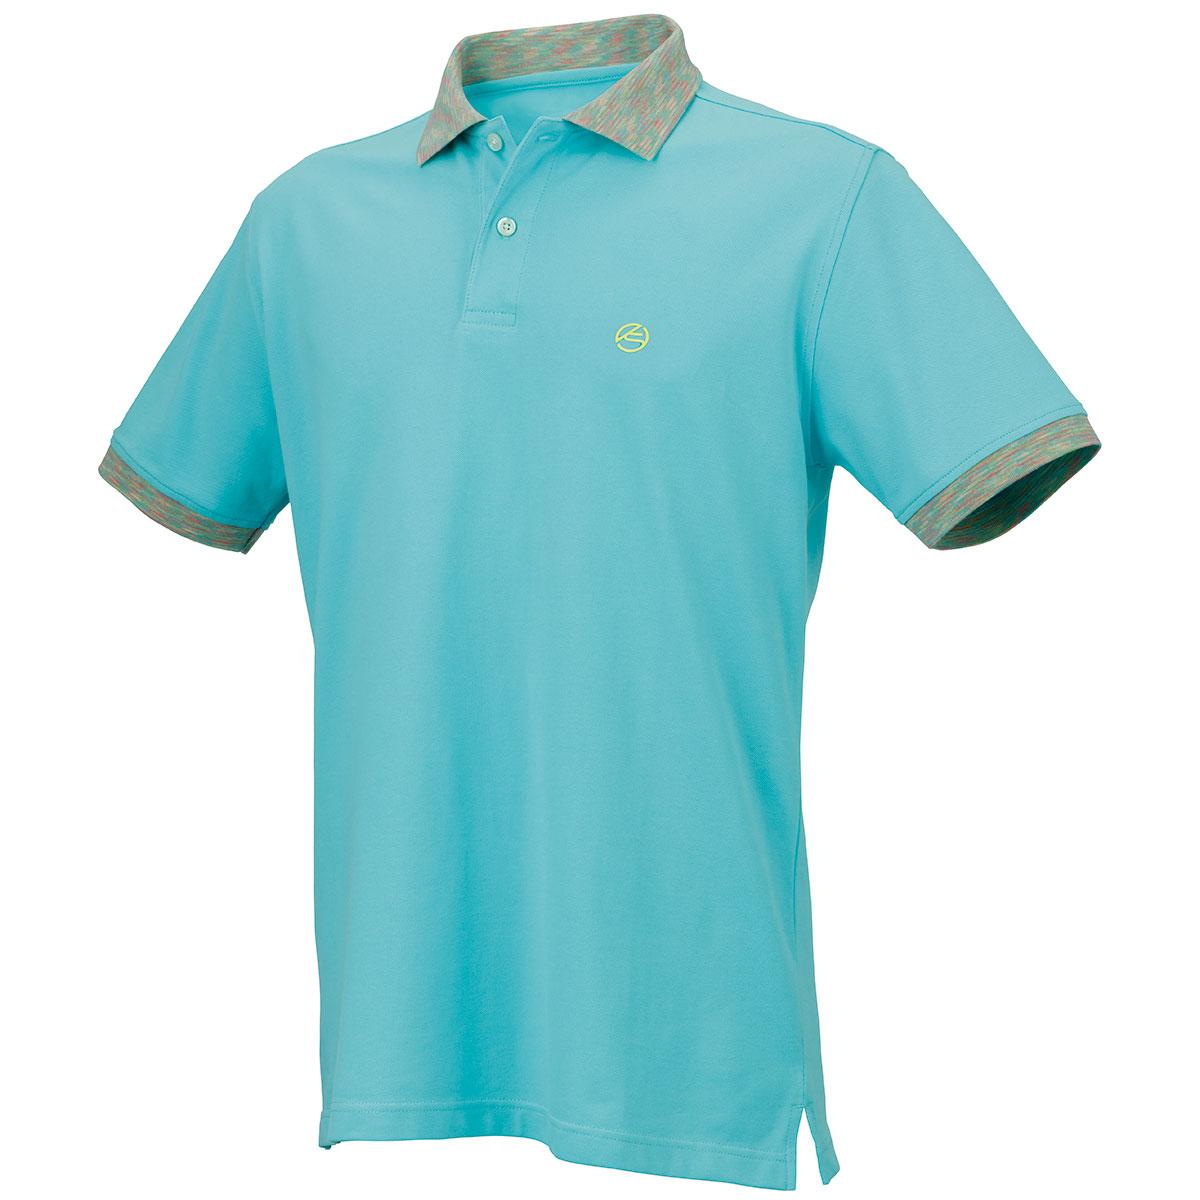 ストレッチ鹿の子 メランジカラー半袖ポロシャツ